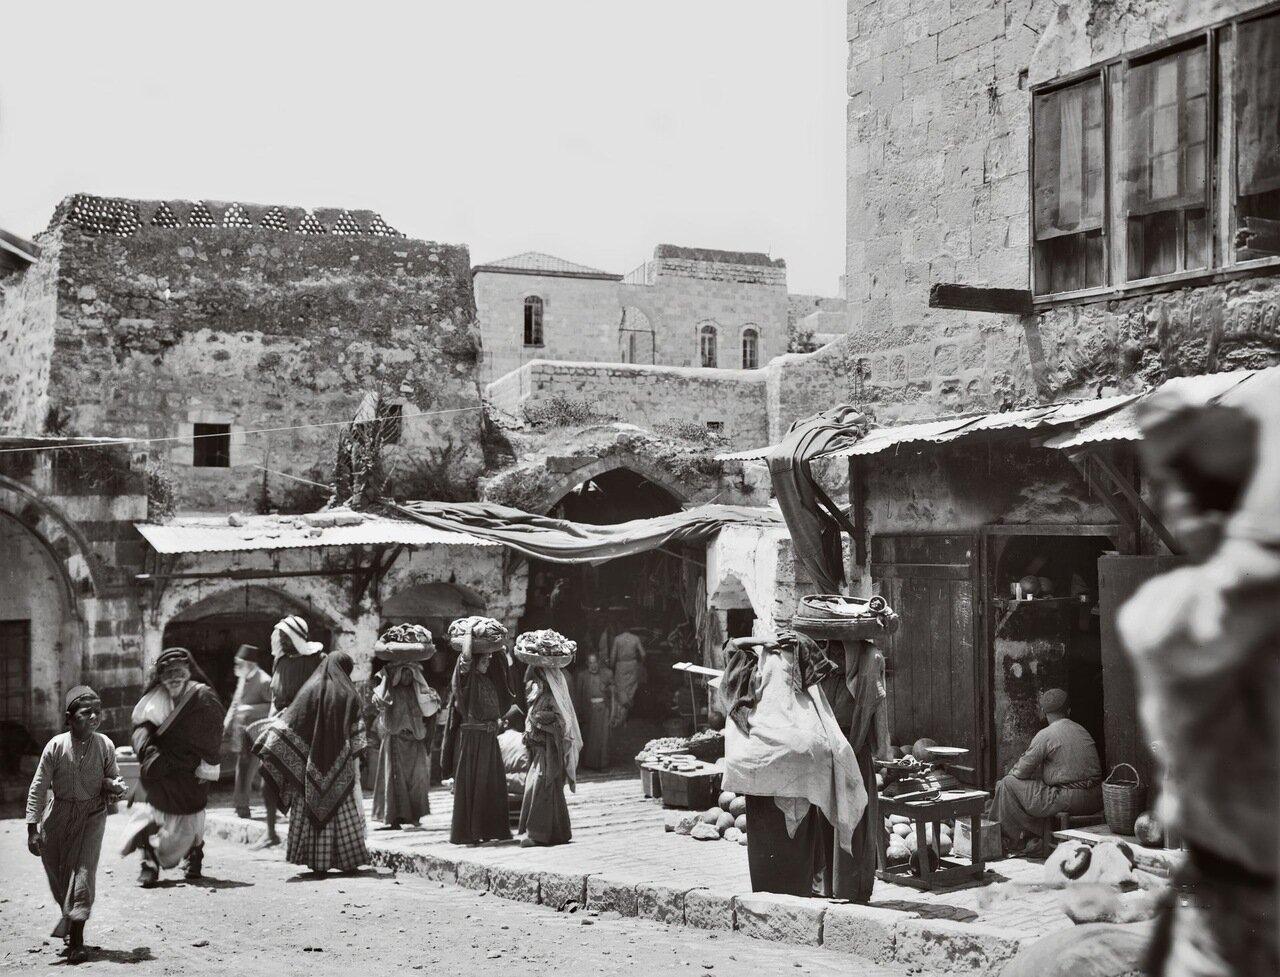 Дамасские ворота. Иерусалим, Палестина. 1898-1914